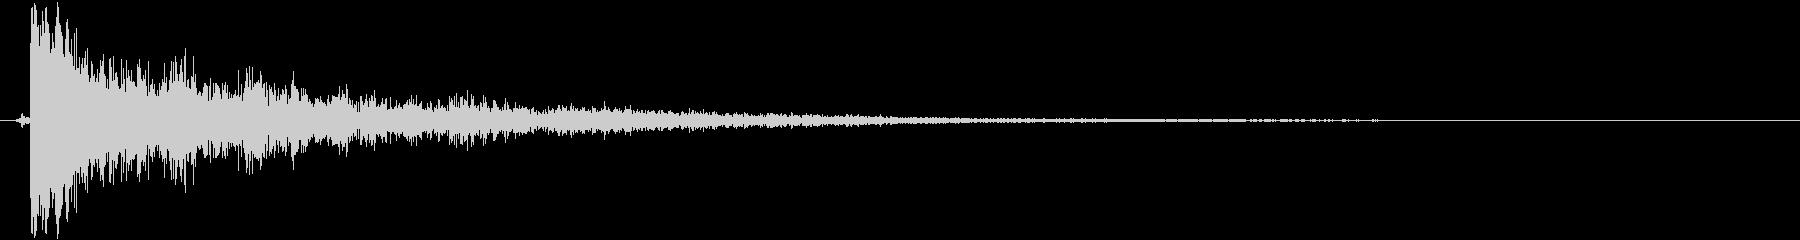 鈍く不気味な金属音(ガーン)の未再生の波形